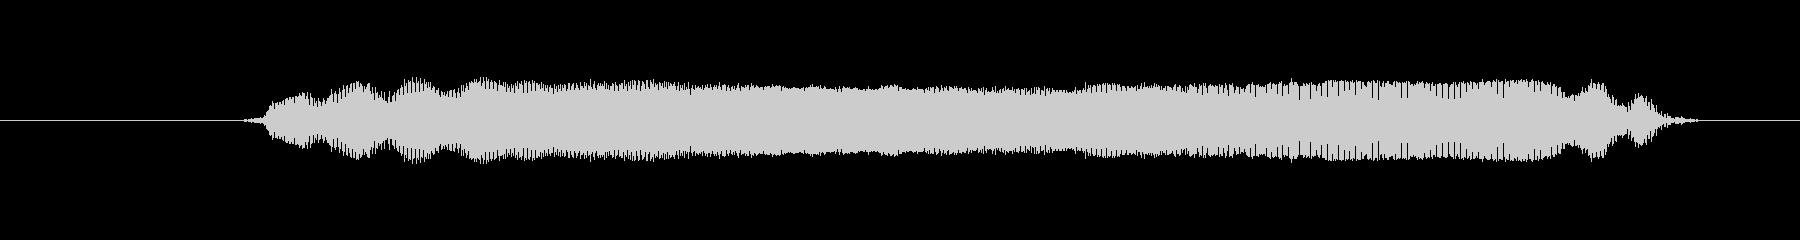 鳥 の 獲物 イーグルコール08の未再生の波形